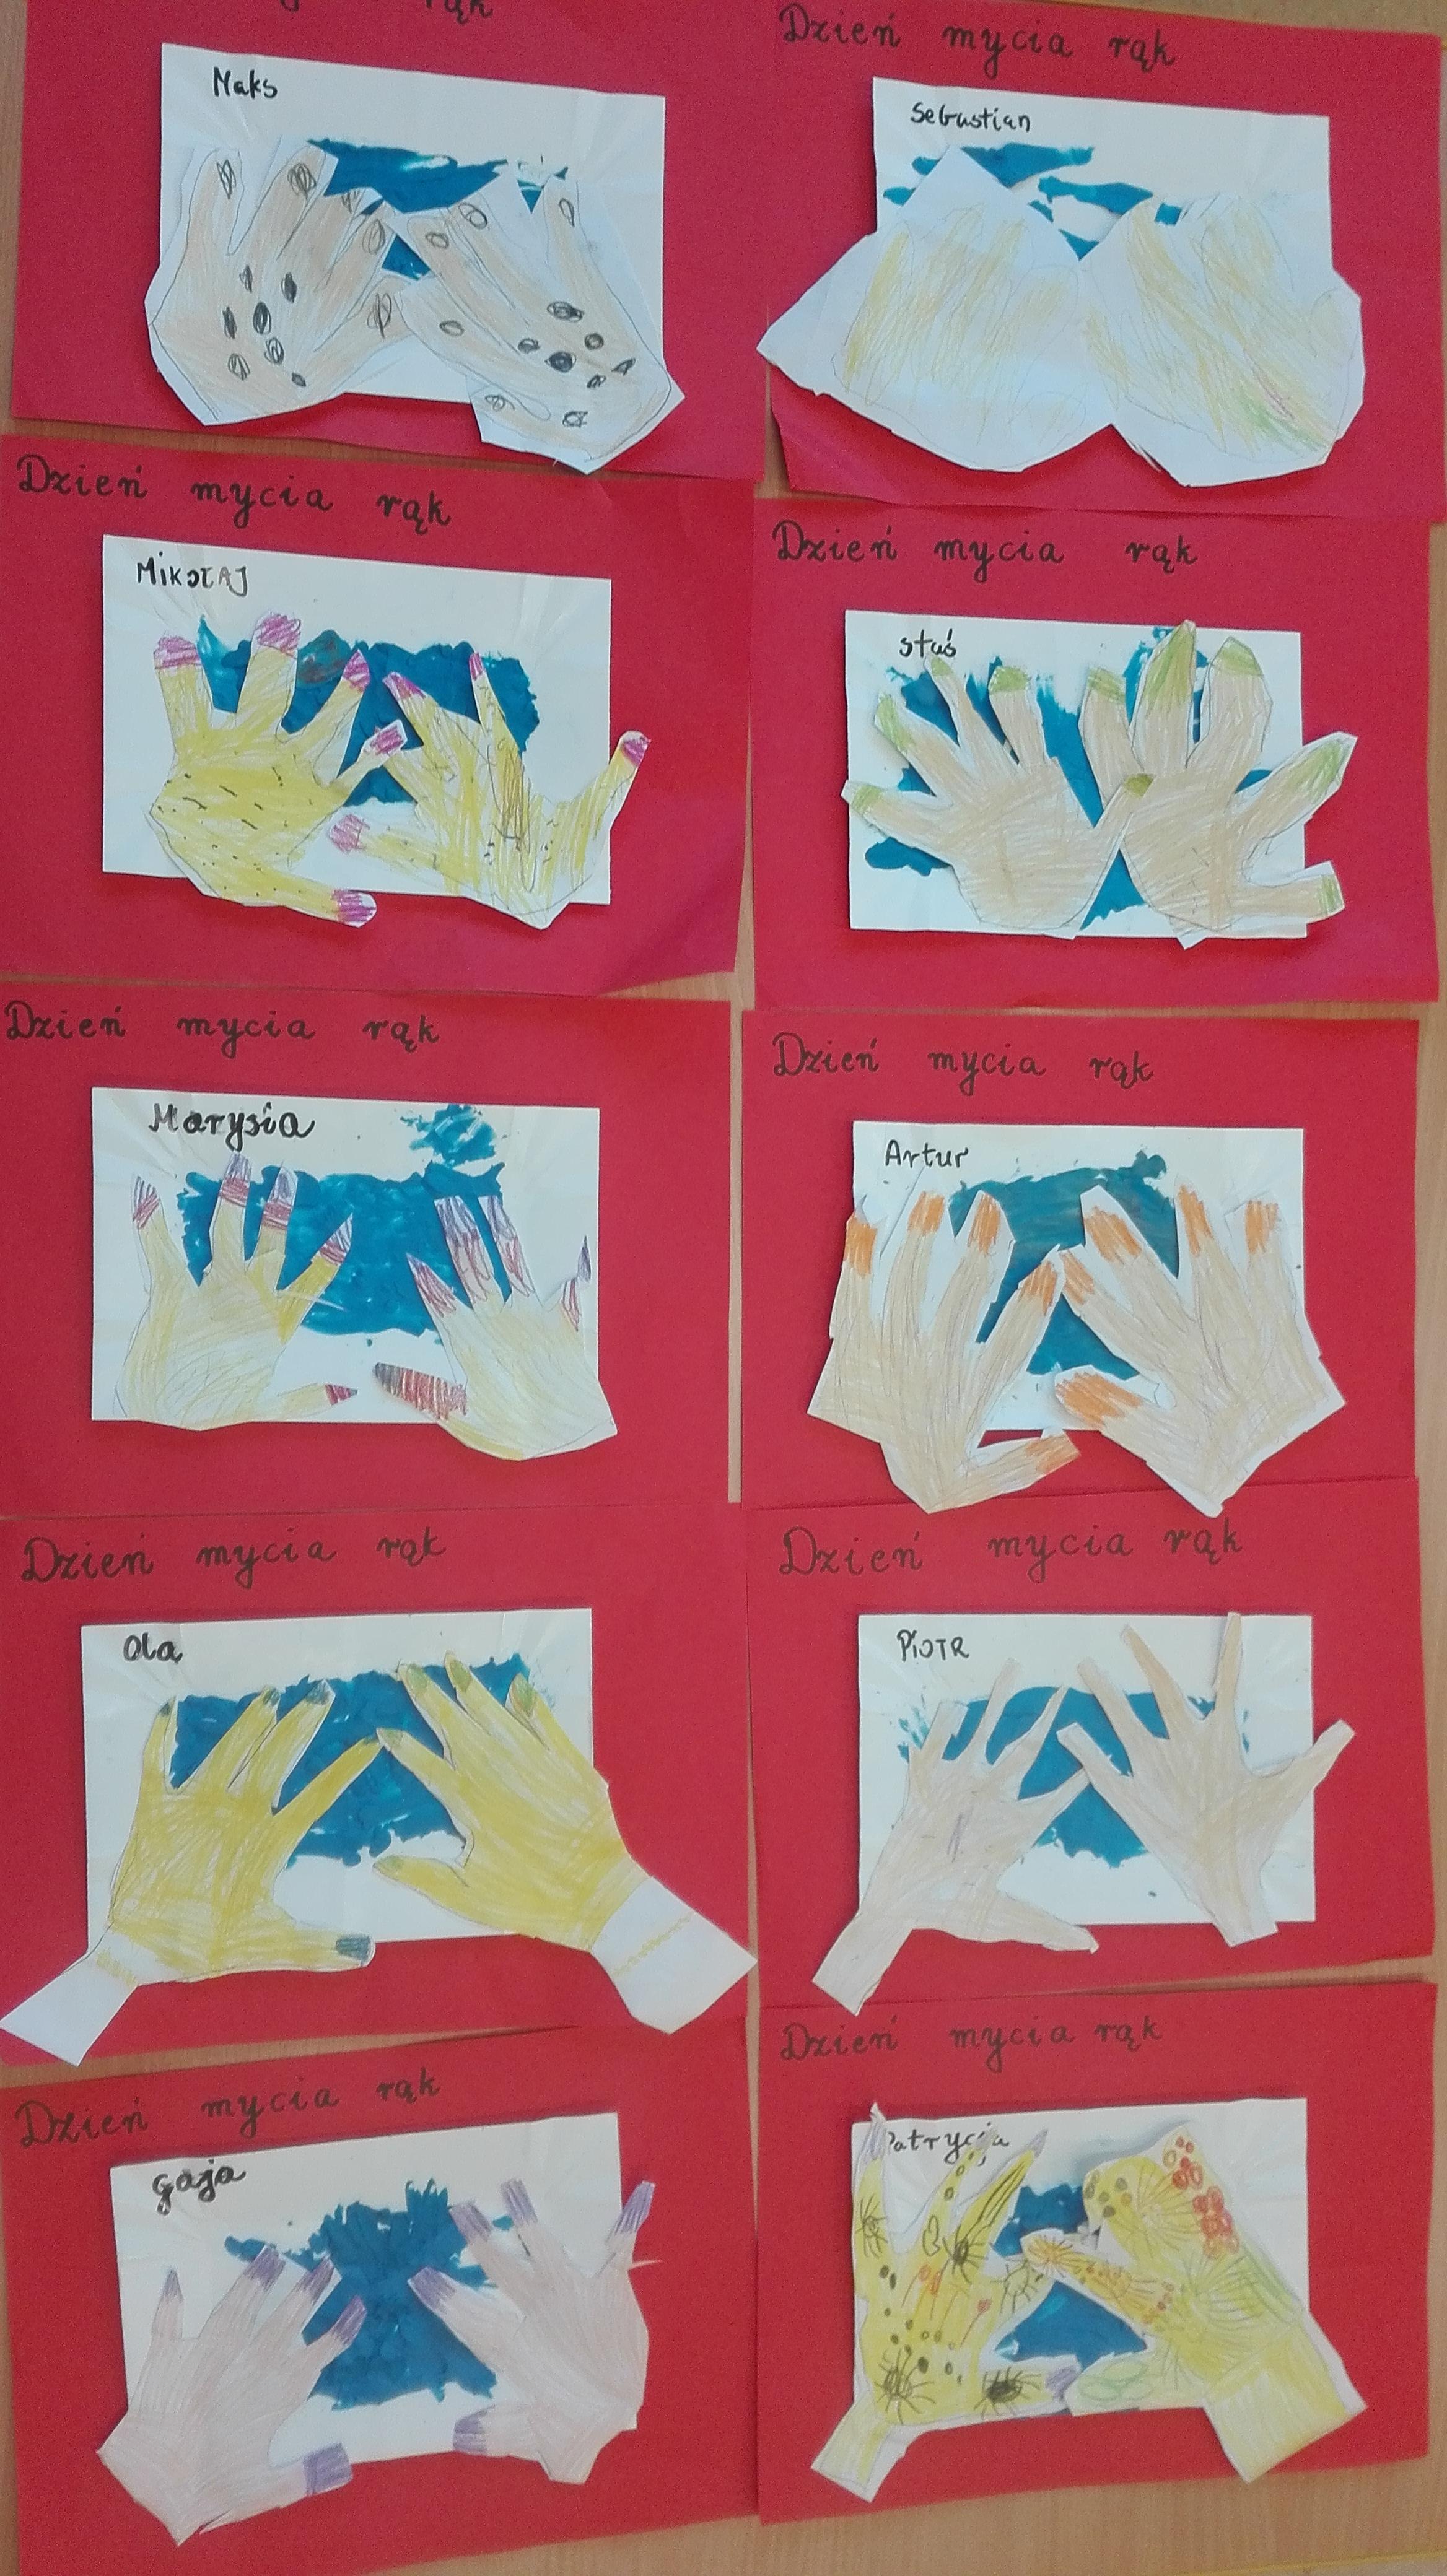 Światowy Dzień Mycia Rąk – Jeżyki, Tygryski